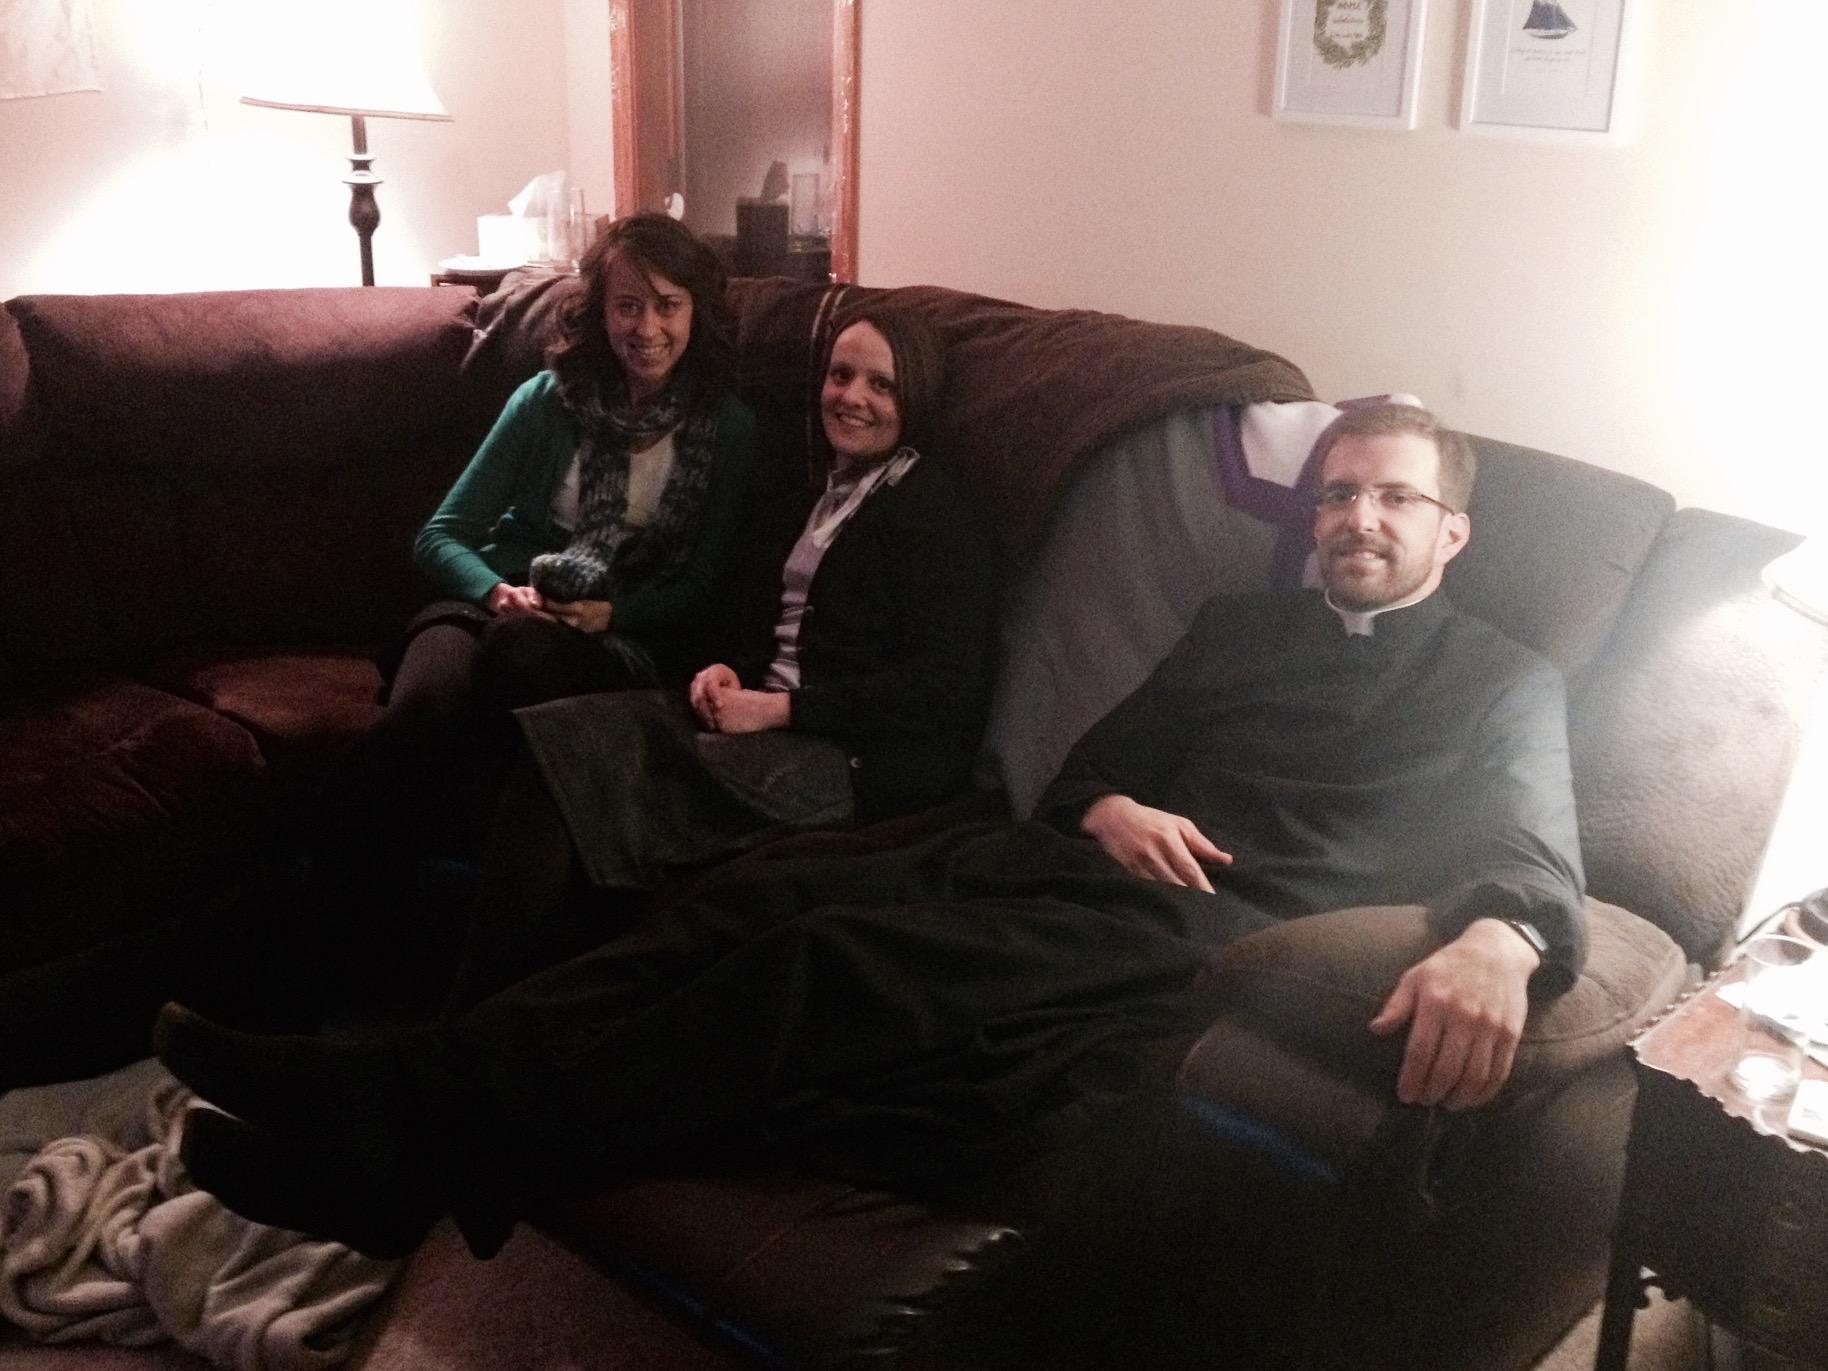 dinner & a movie on Christmas Eve